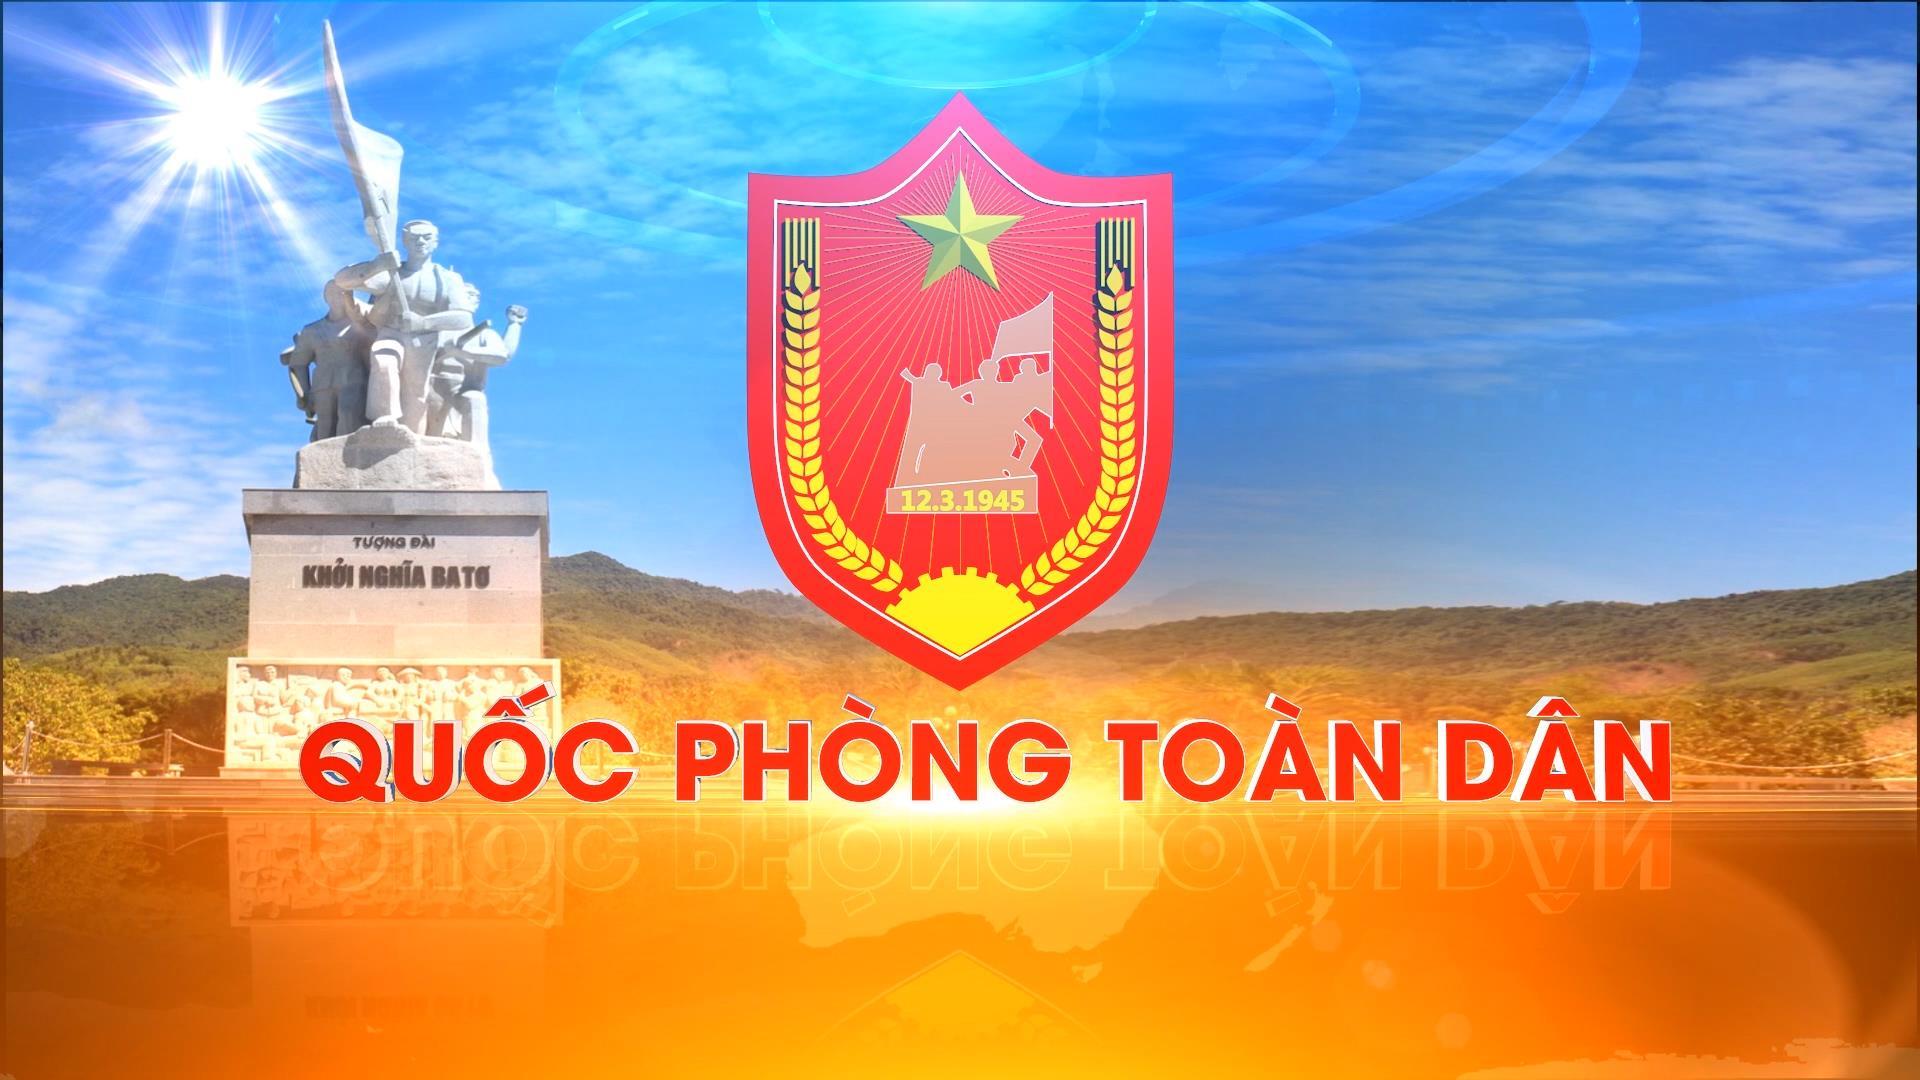 QUỐC PHÒNG TOÀN DÂN NGÀY 22-10-2021